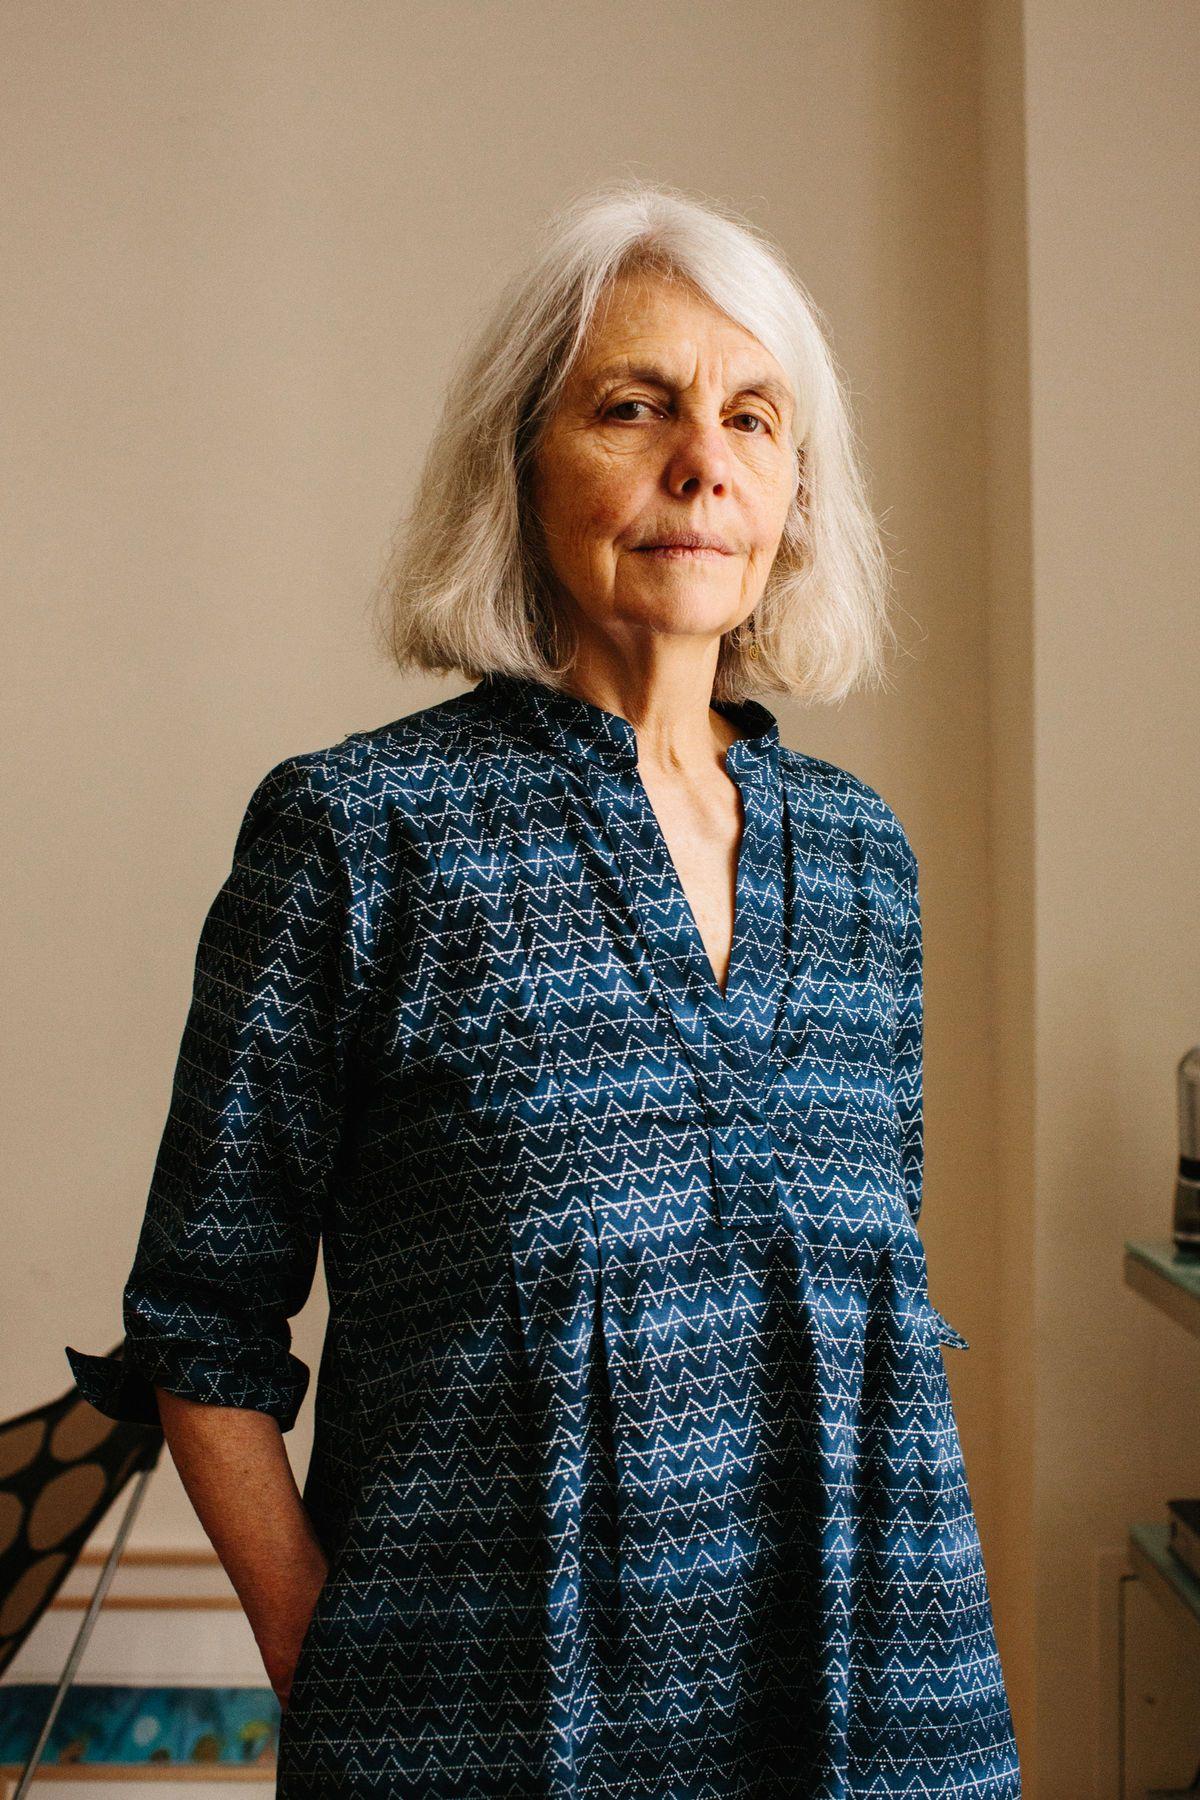 Portrait of Sally Saul by Stephanie Nortiz for Artsy.